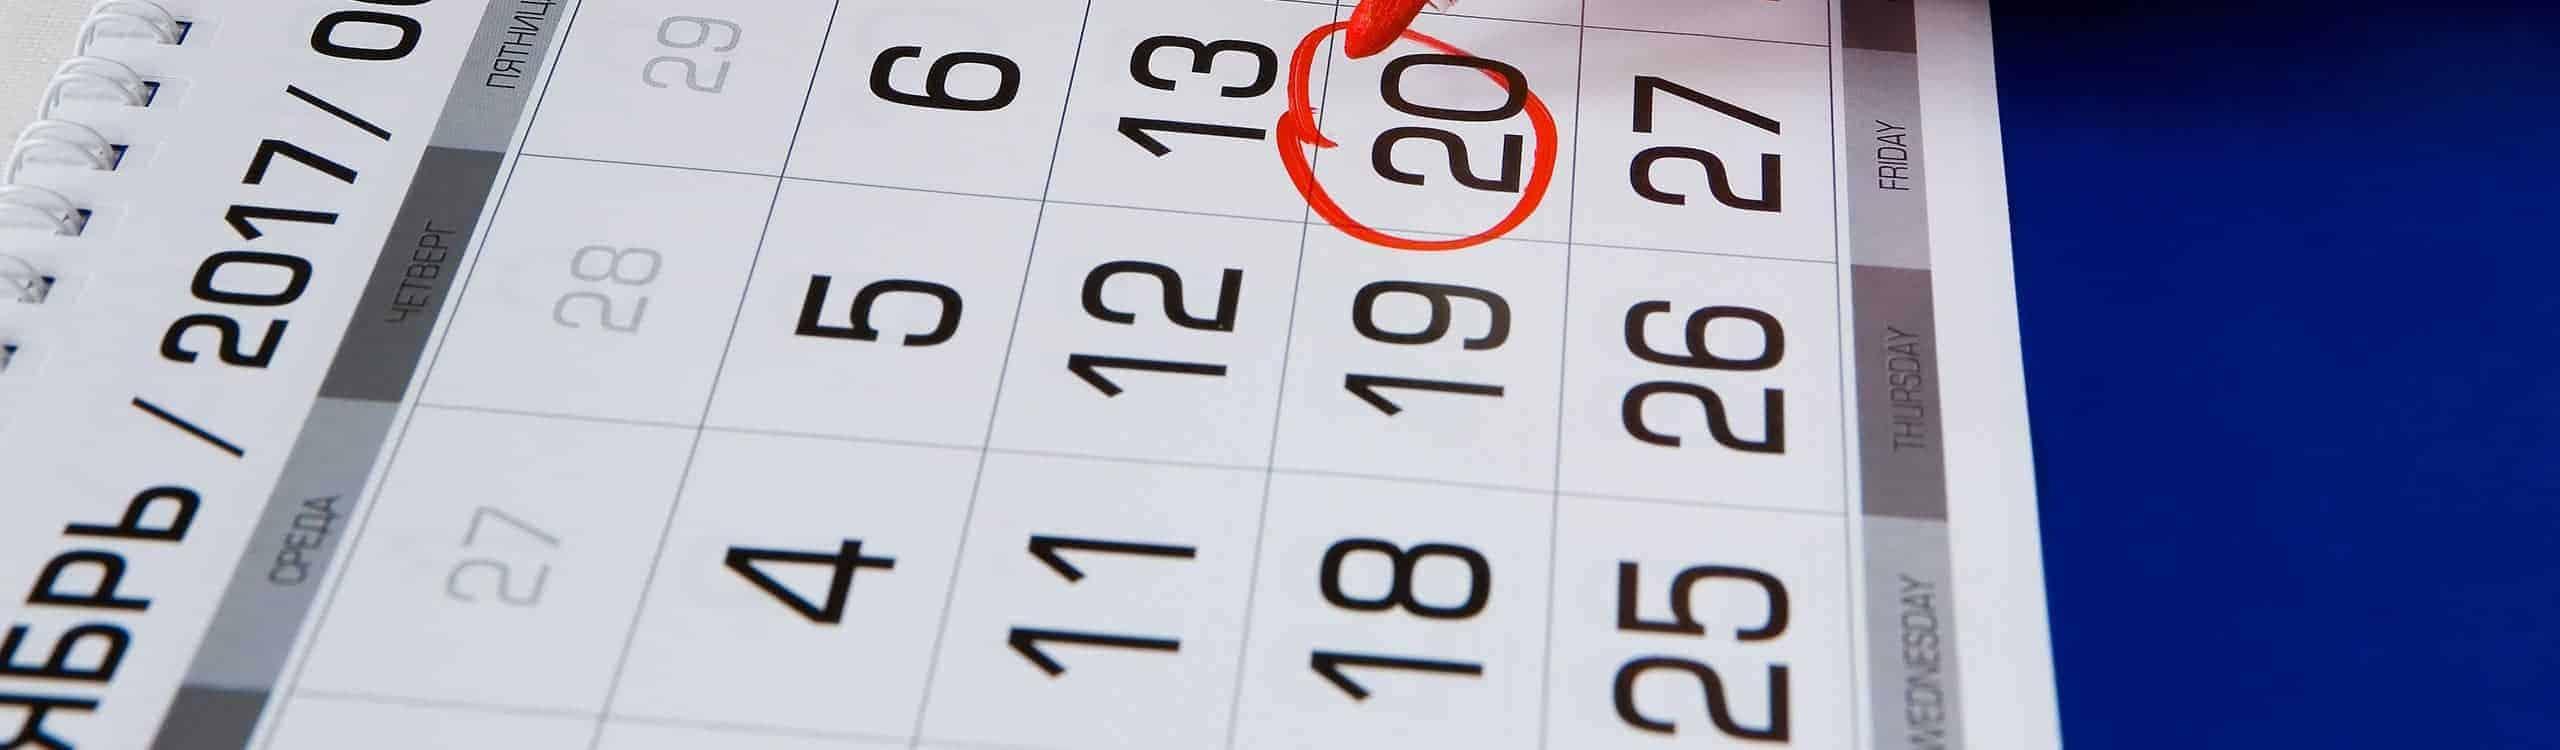 Aκαδημαϊκό Ημερολόγιο